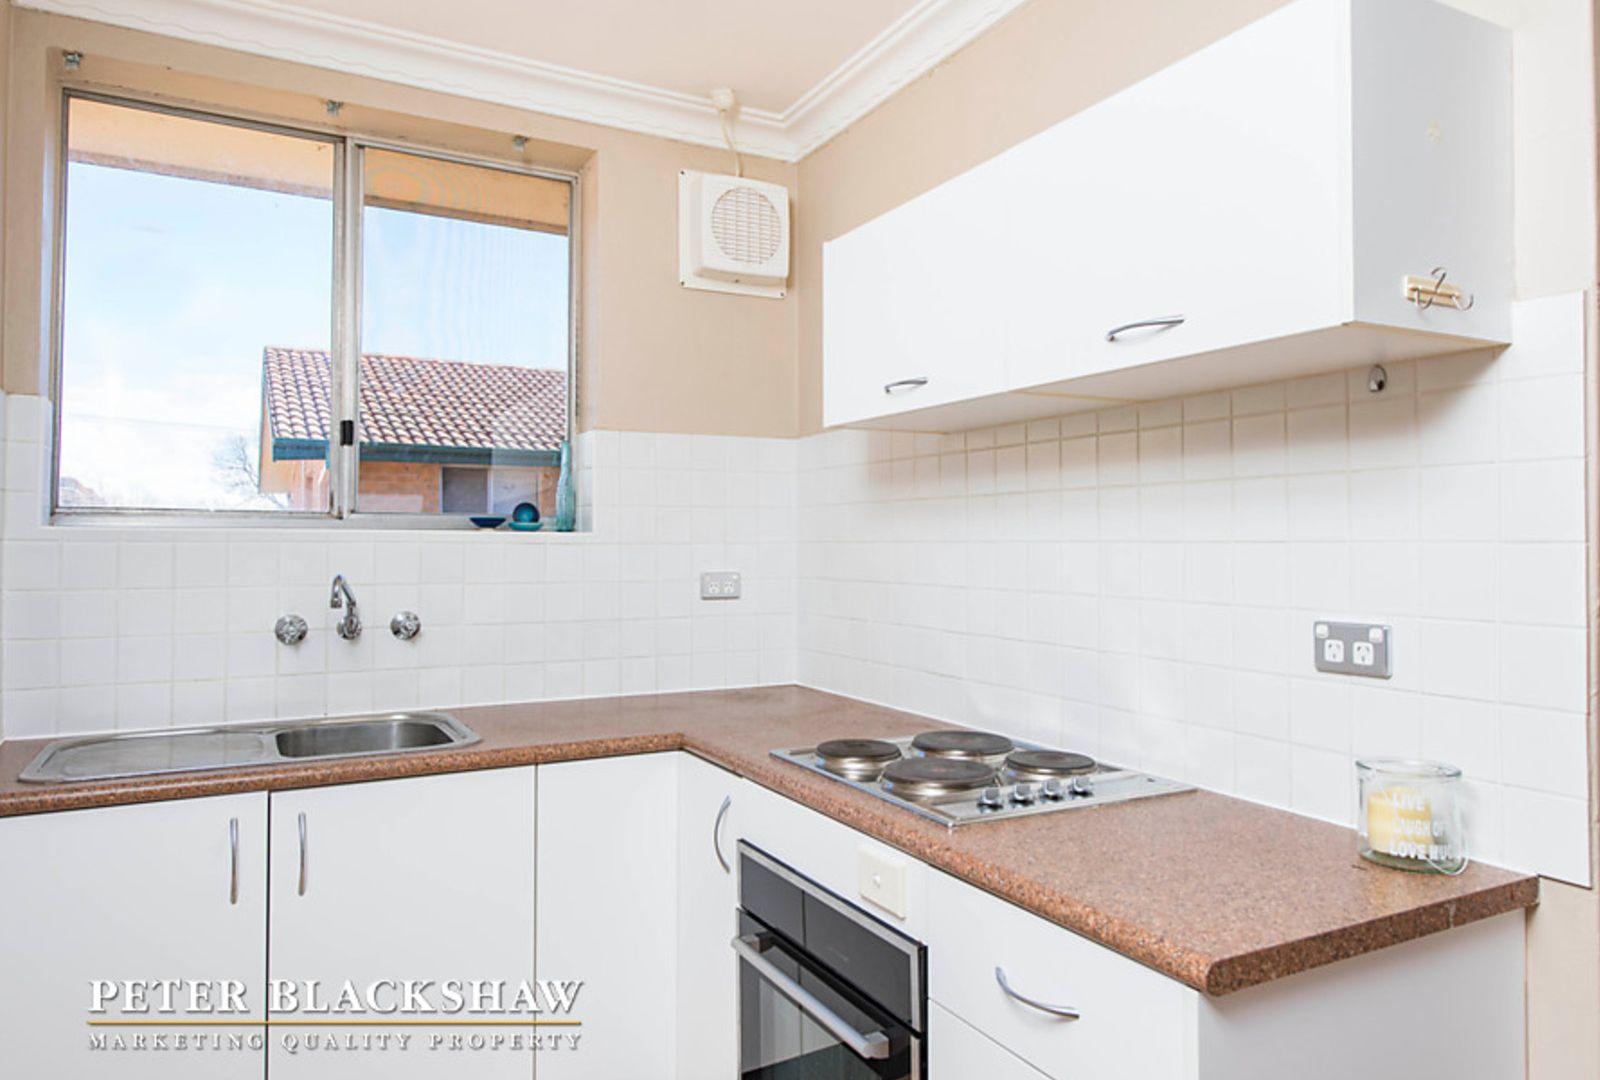 23/85 Derrima Road, Queanbeyan NSW 2620, Image 1